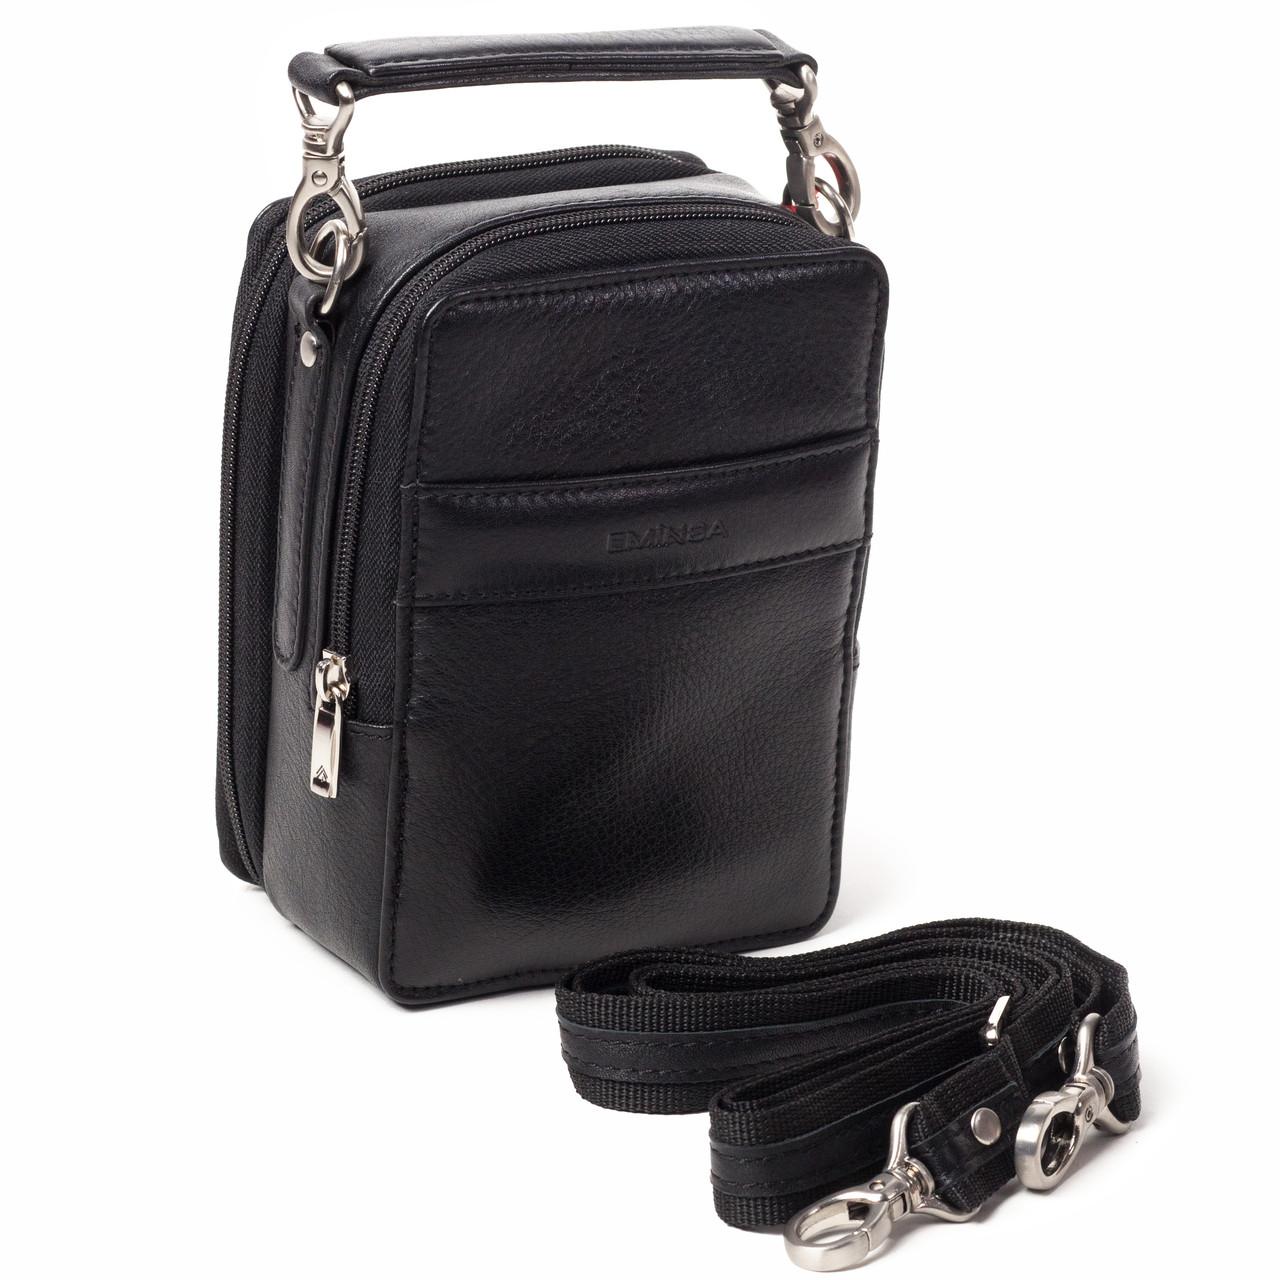 Мужская сумка барсетка Eminsa 6010-12-1 кожаная черная